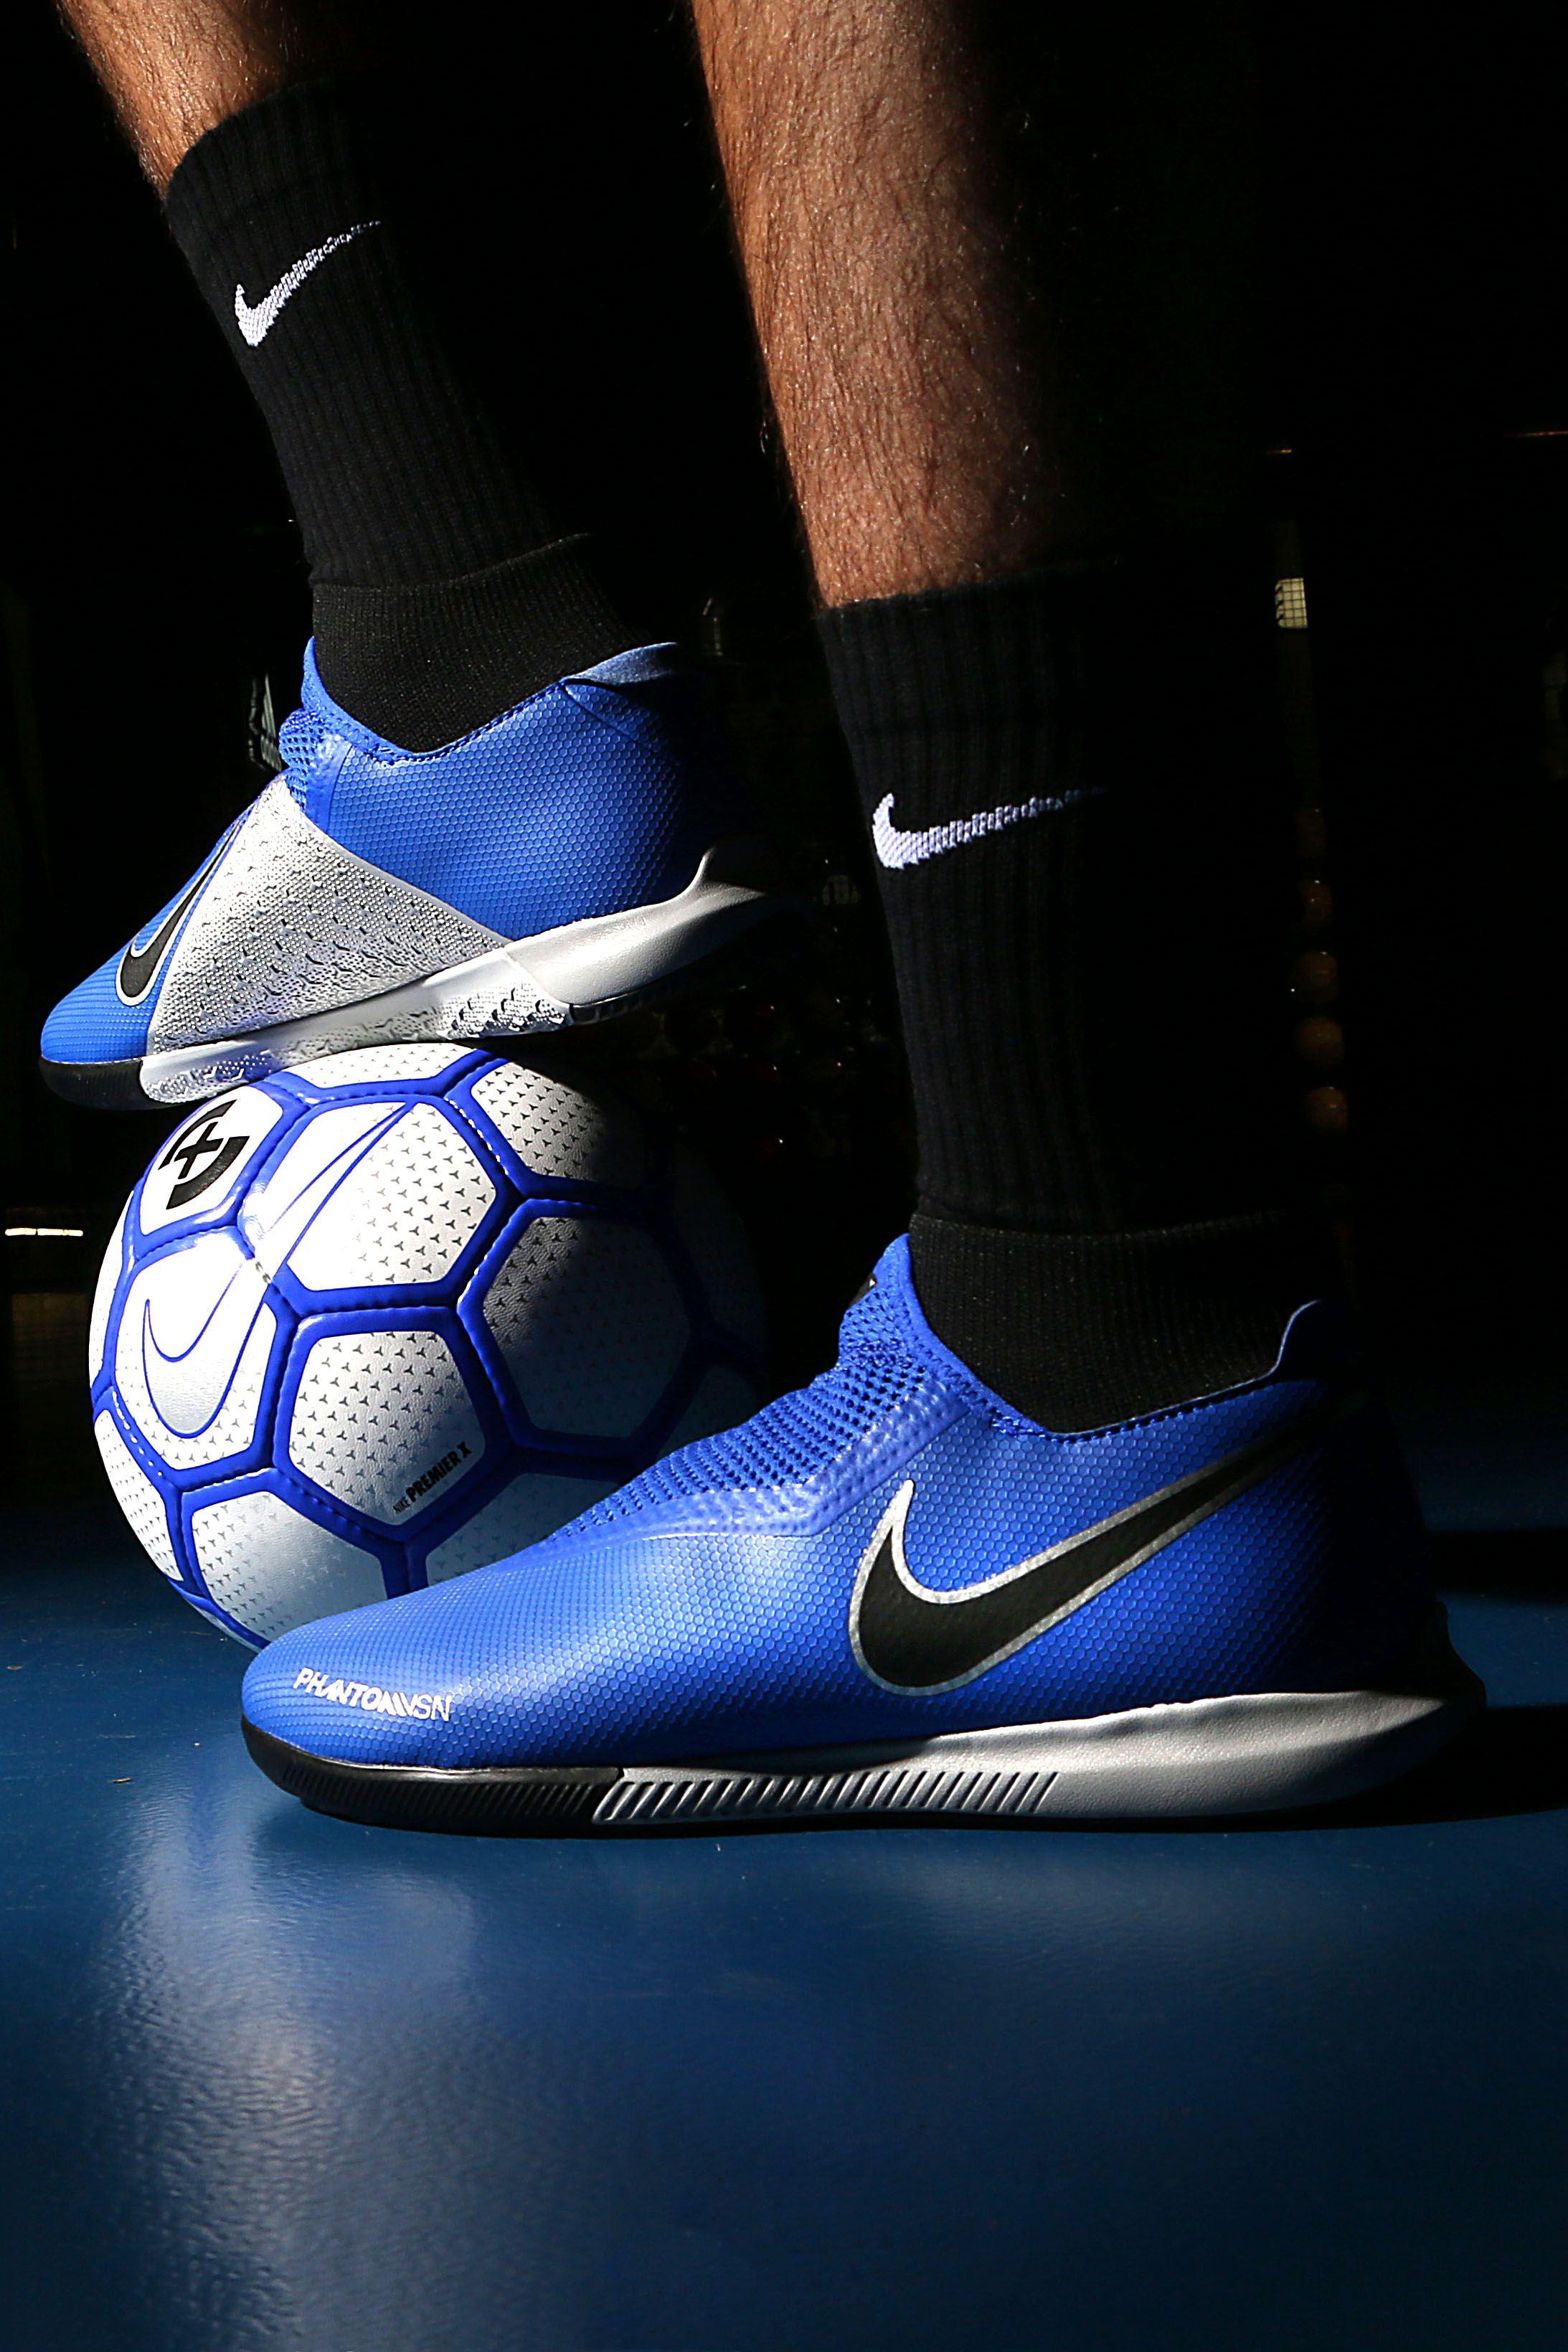 Phantom De Fútbol Soccer Academy Vision Ic Df Botas Nike fqv0dv